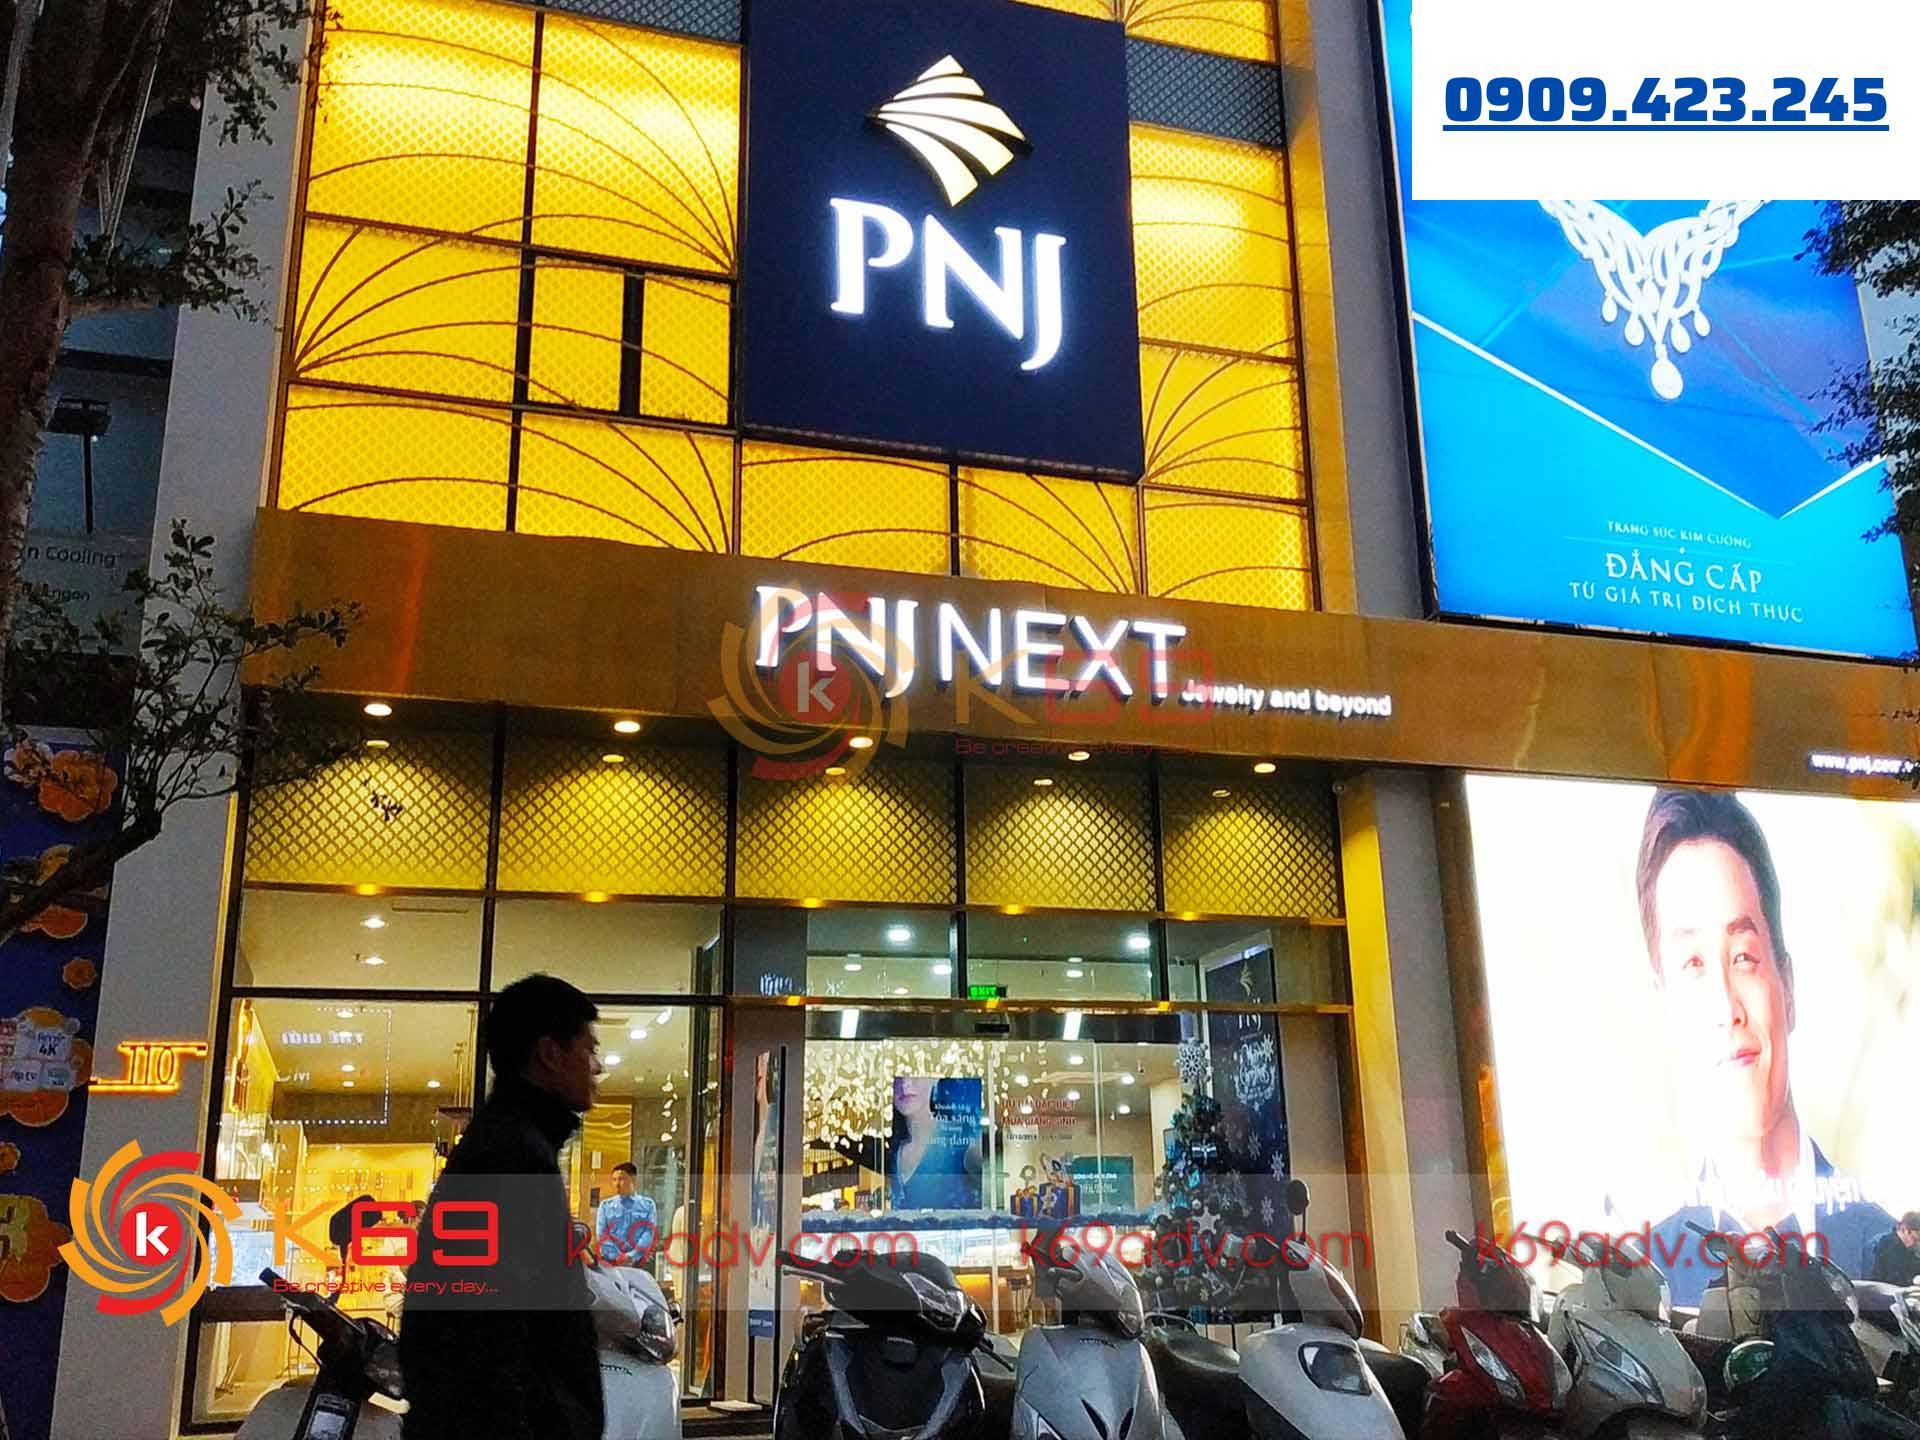 Làm bảng hiệu tại quận Phú Nhuận cho trung tâm trang sức cao cấp PNJ do K69adv thi công